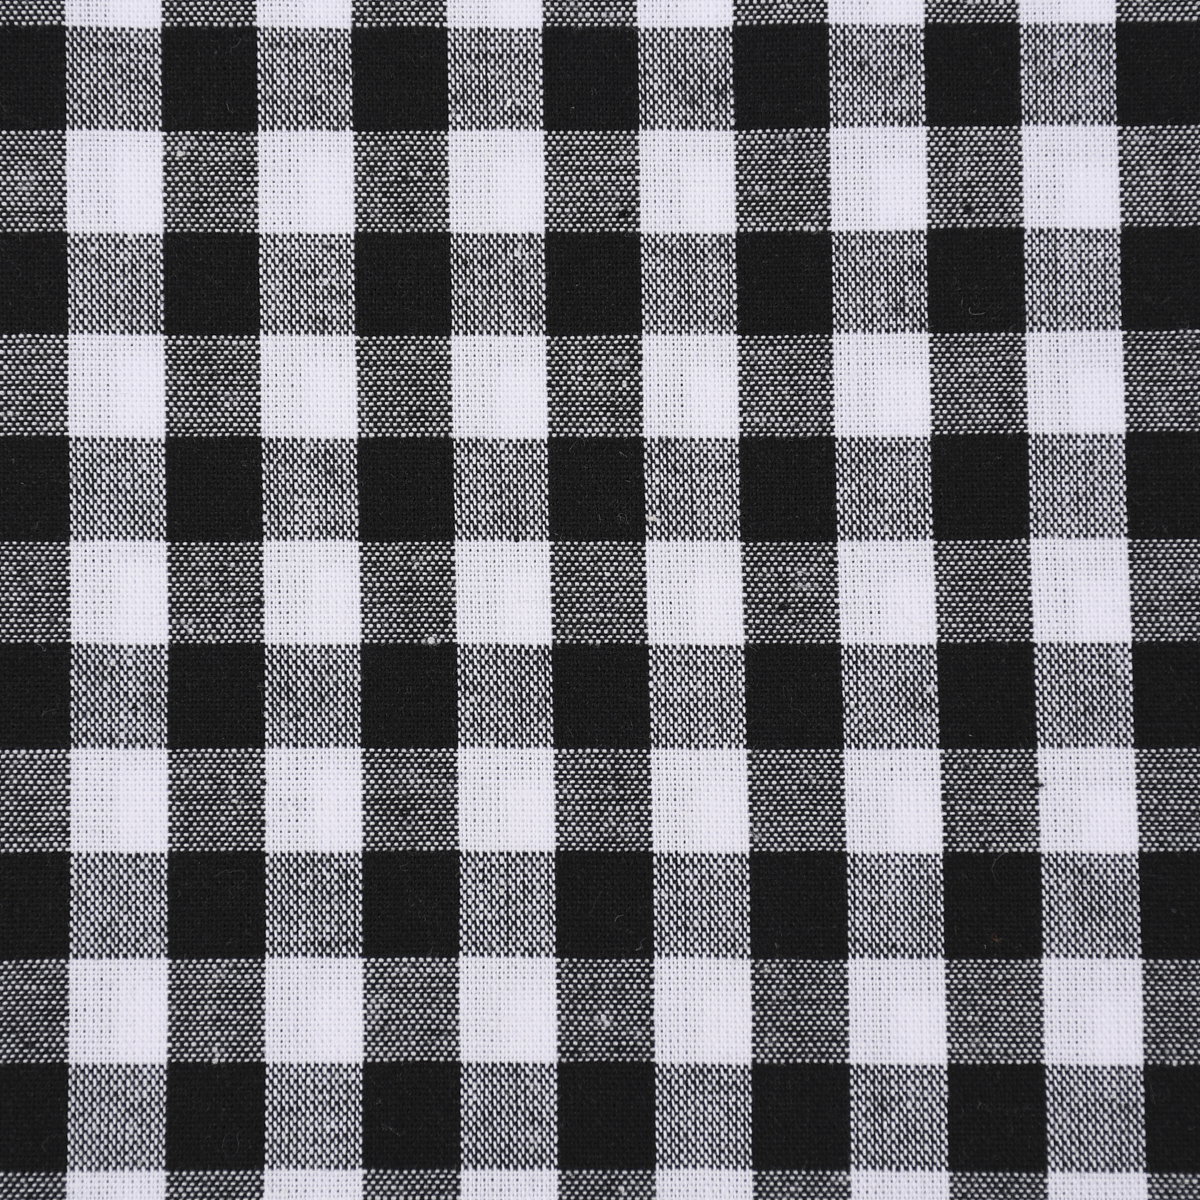 Baumwollstoff kariert weiß schwarz 9mm